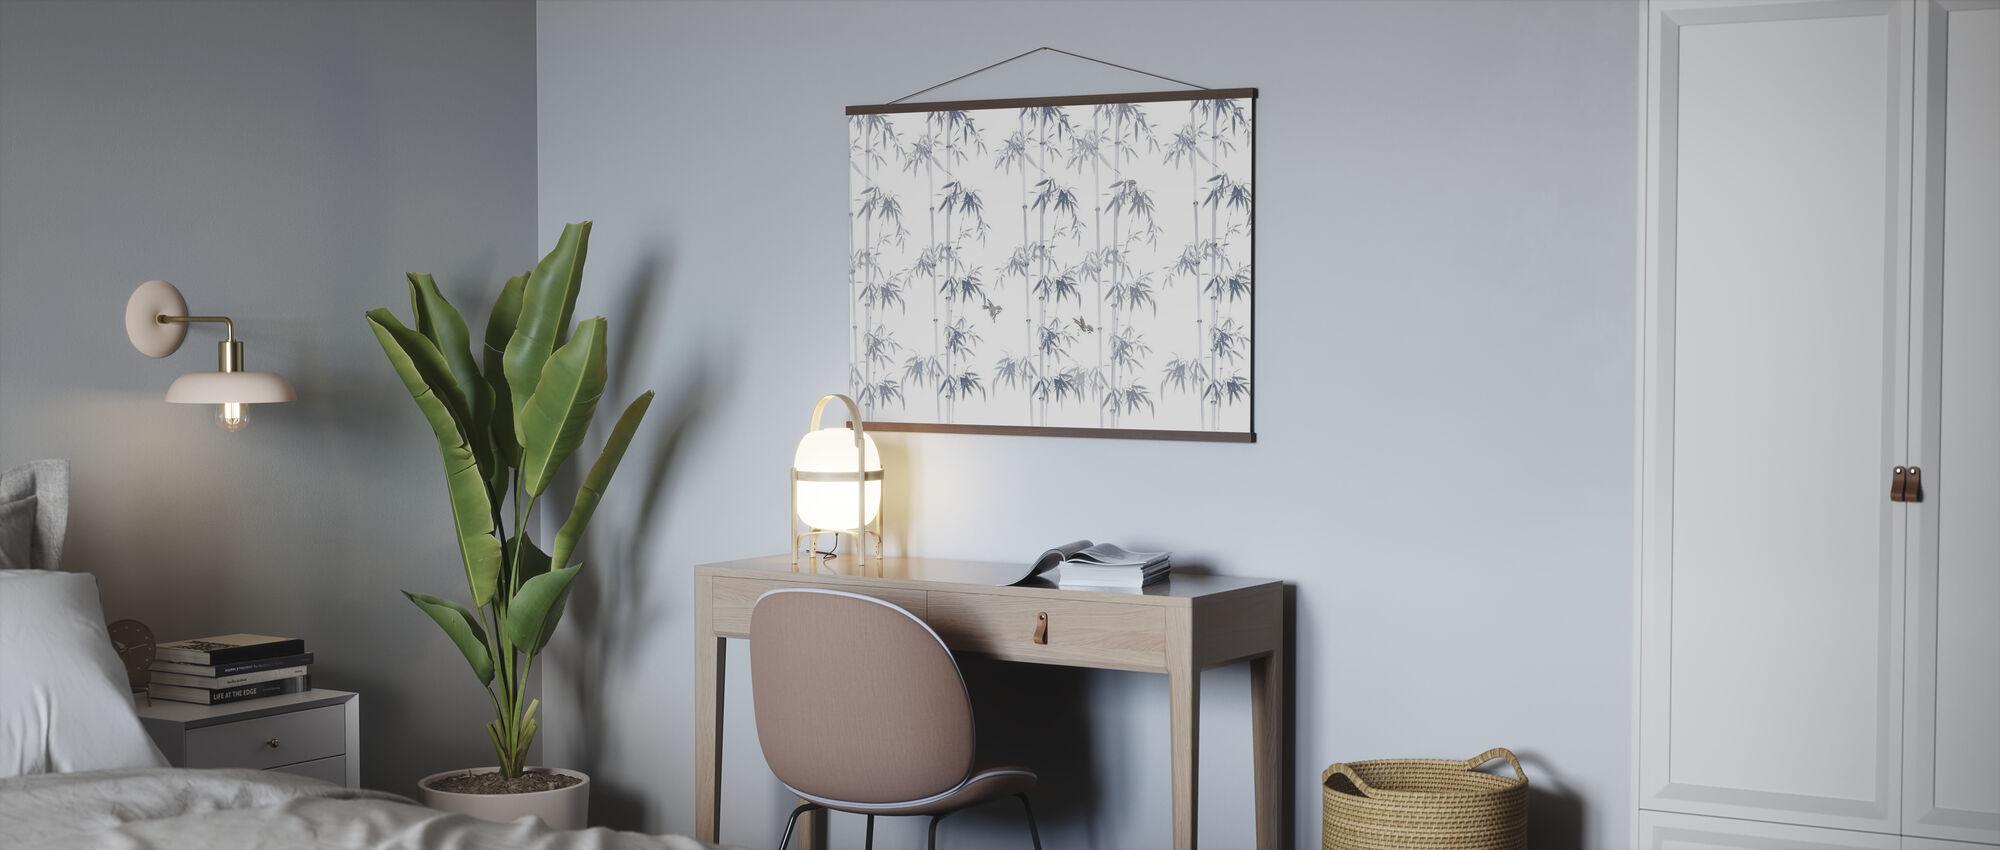 Min bambus - Plakat - Kontor